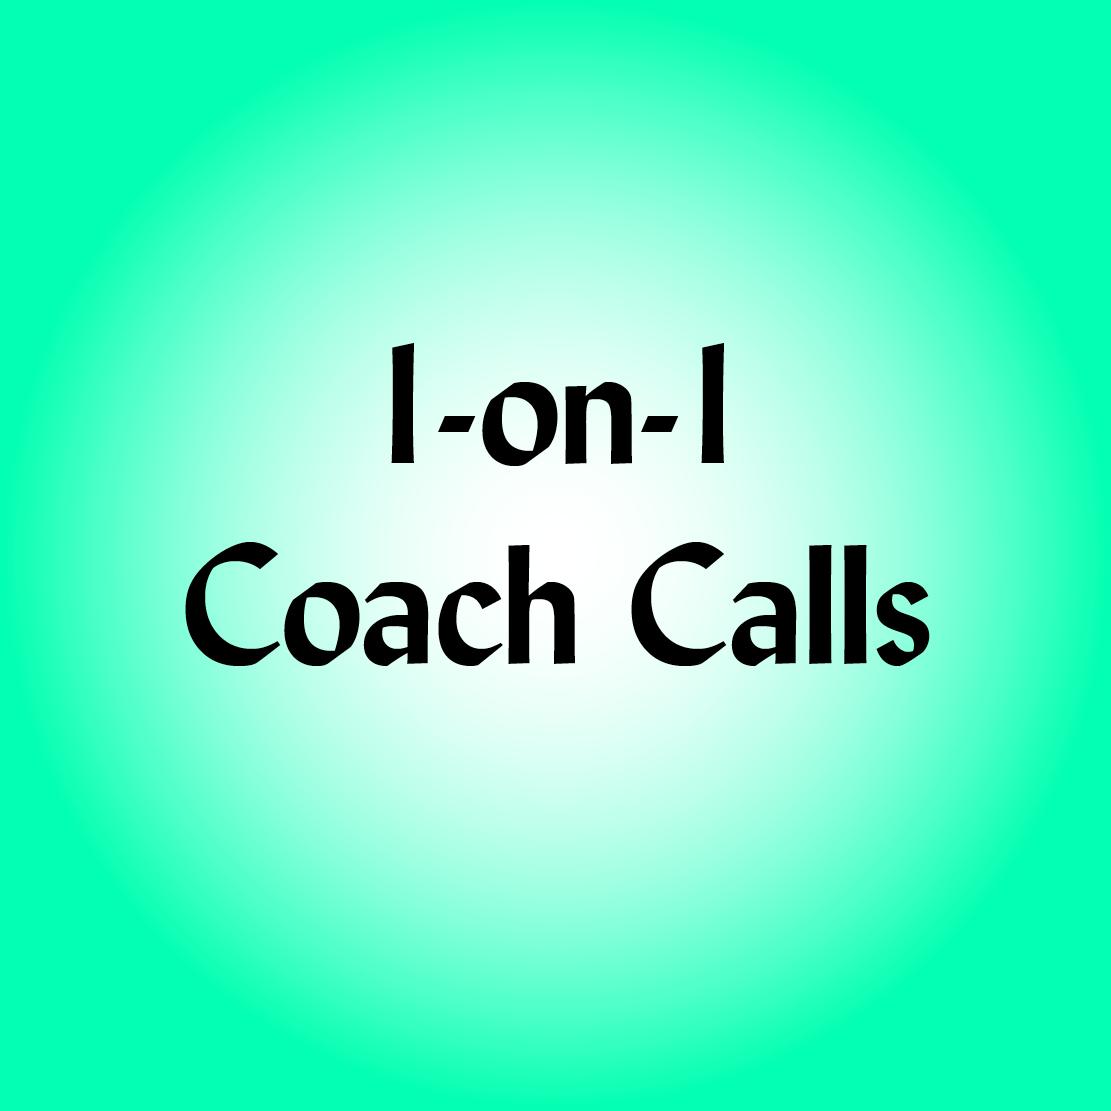 Coach calls